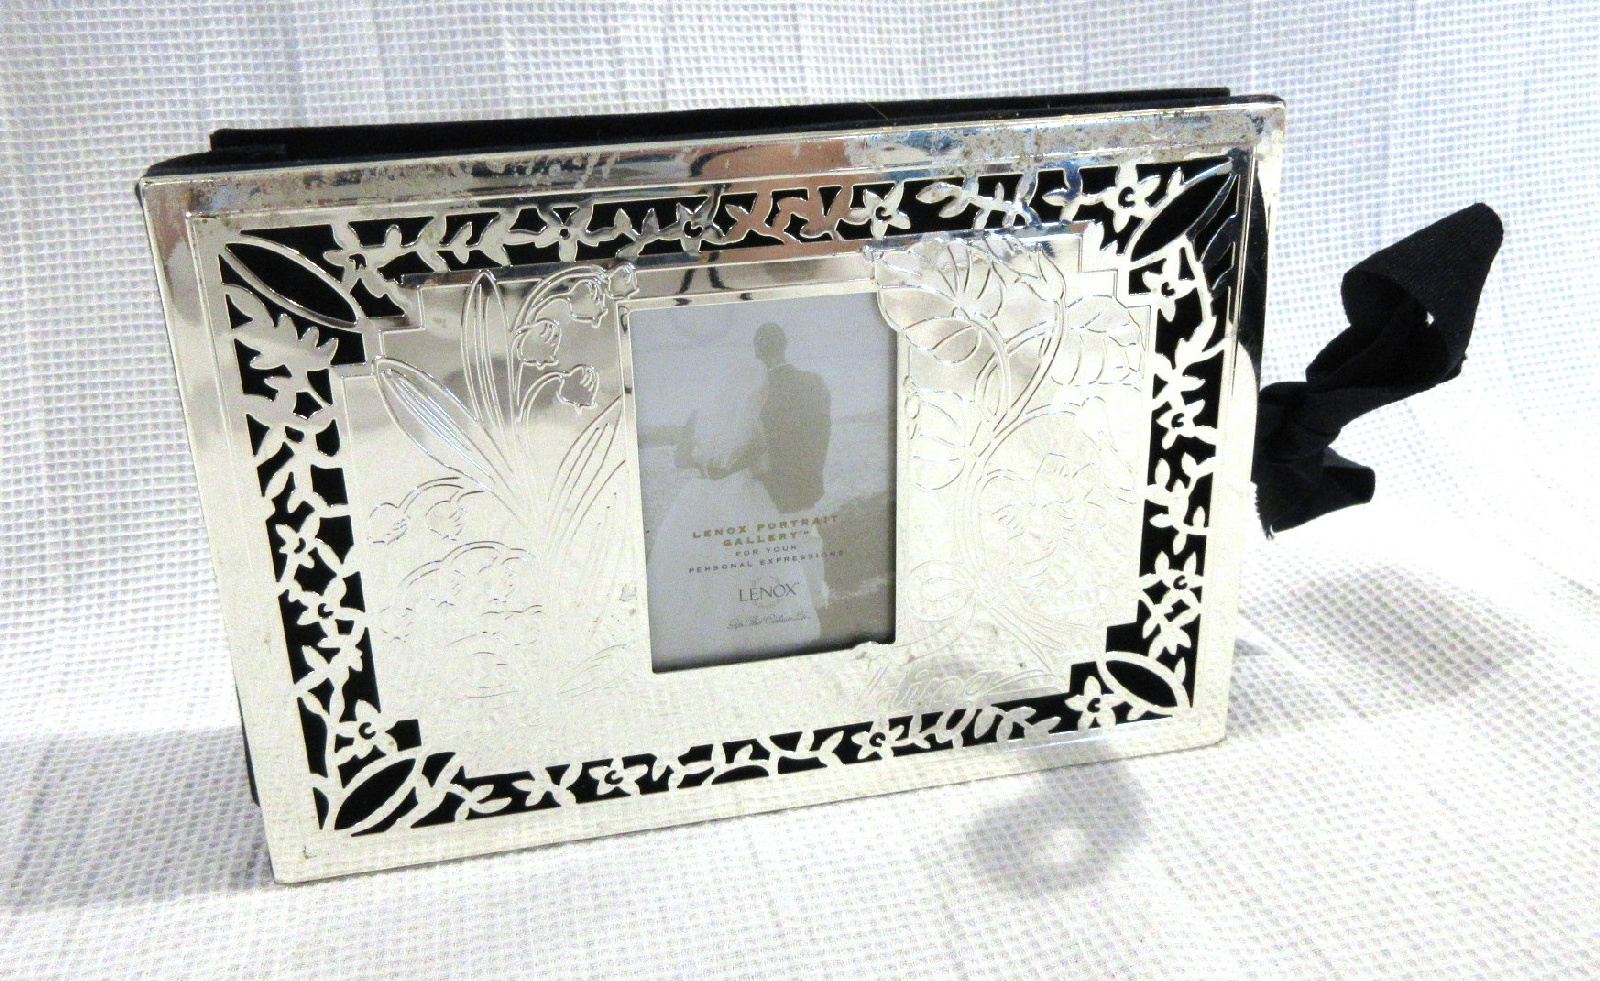 lenox portrait gallery  u0026quot our wedding u0026quot  silver photo album 4x6